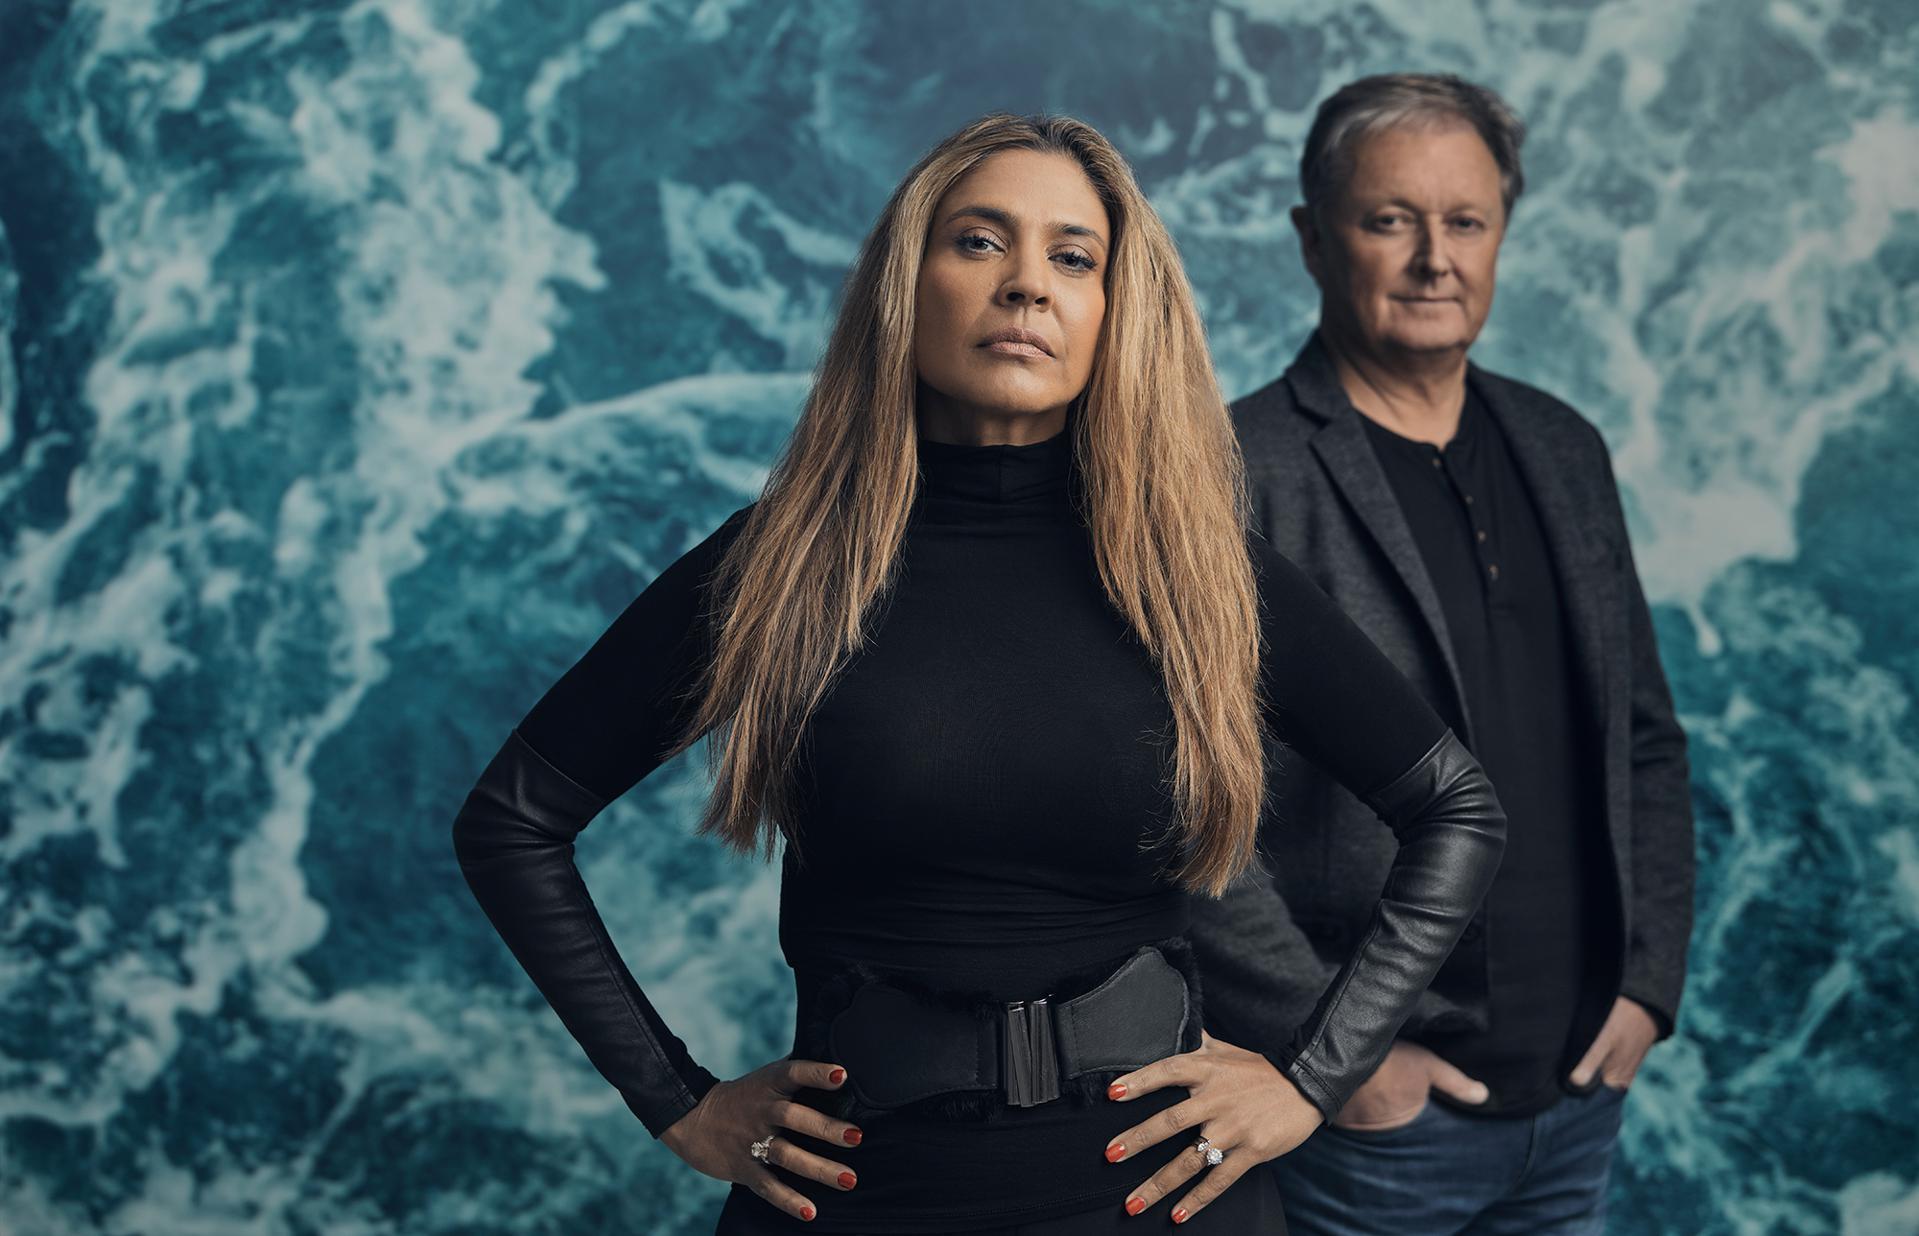 Así son los Fisker, la multimillonaria pareja que quiere competir con Tesla